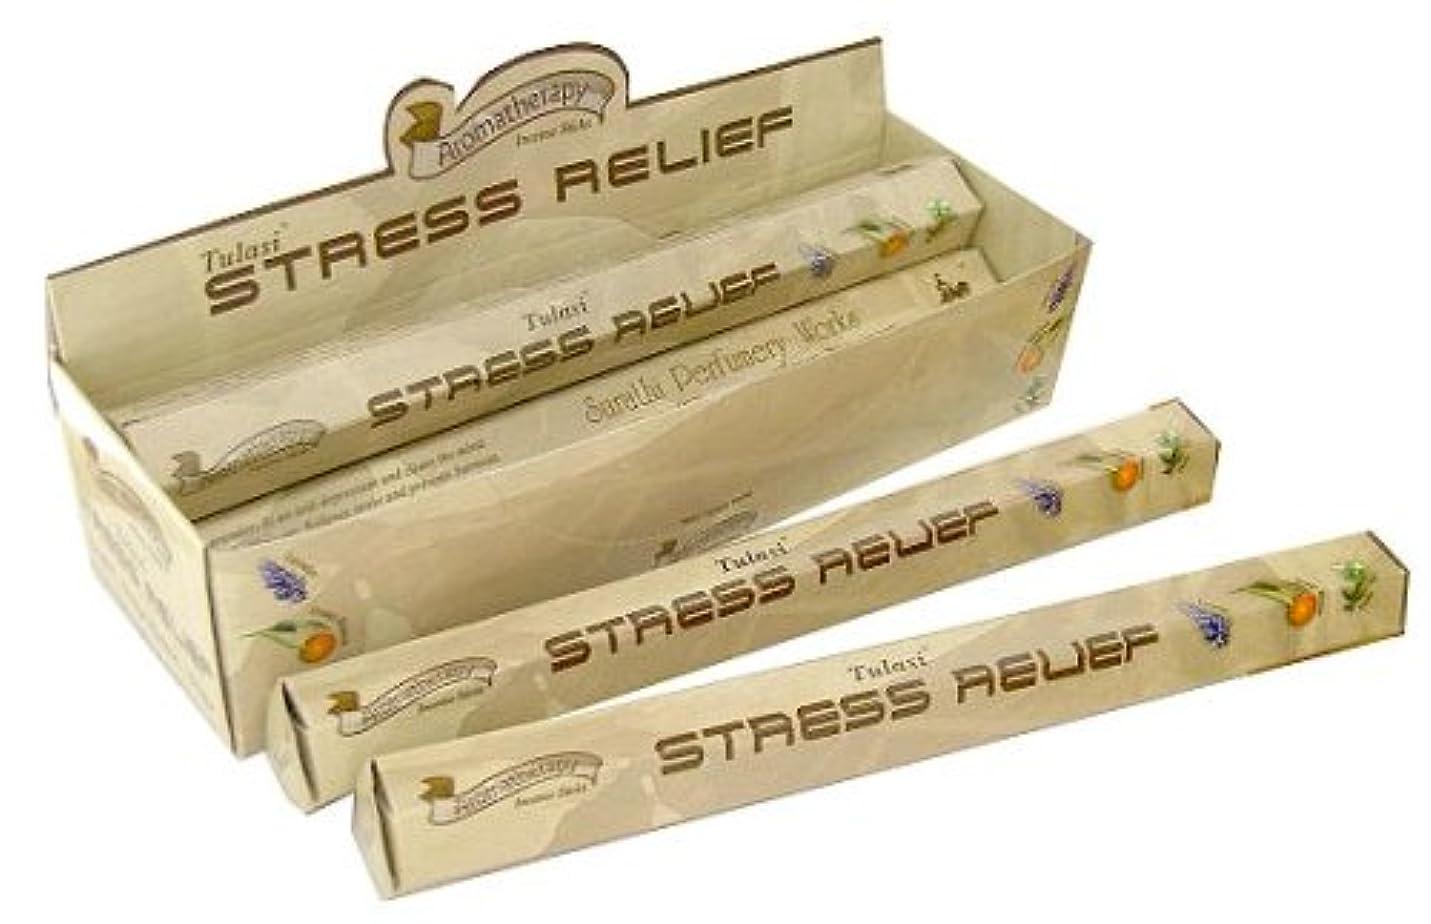 ストレスリリーフ 6個セット